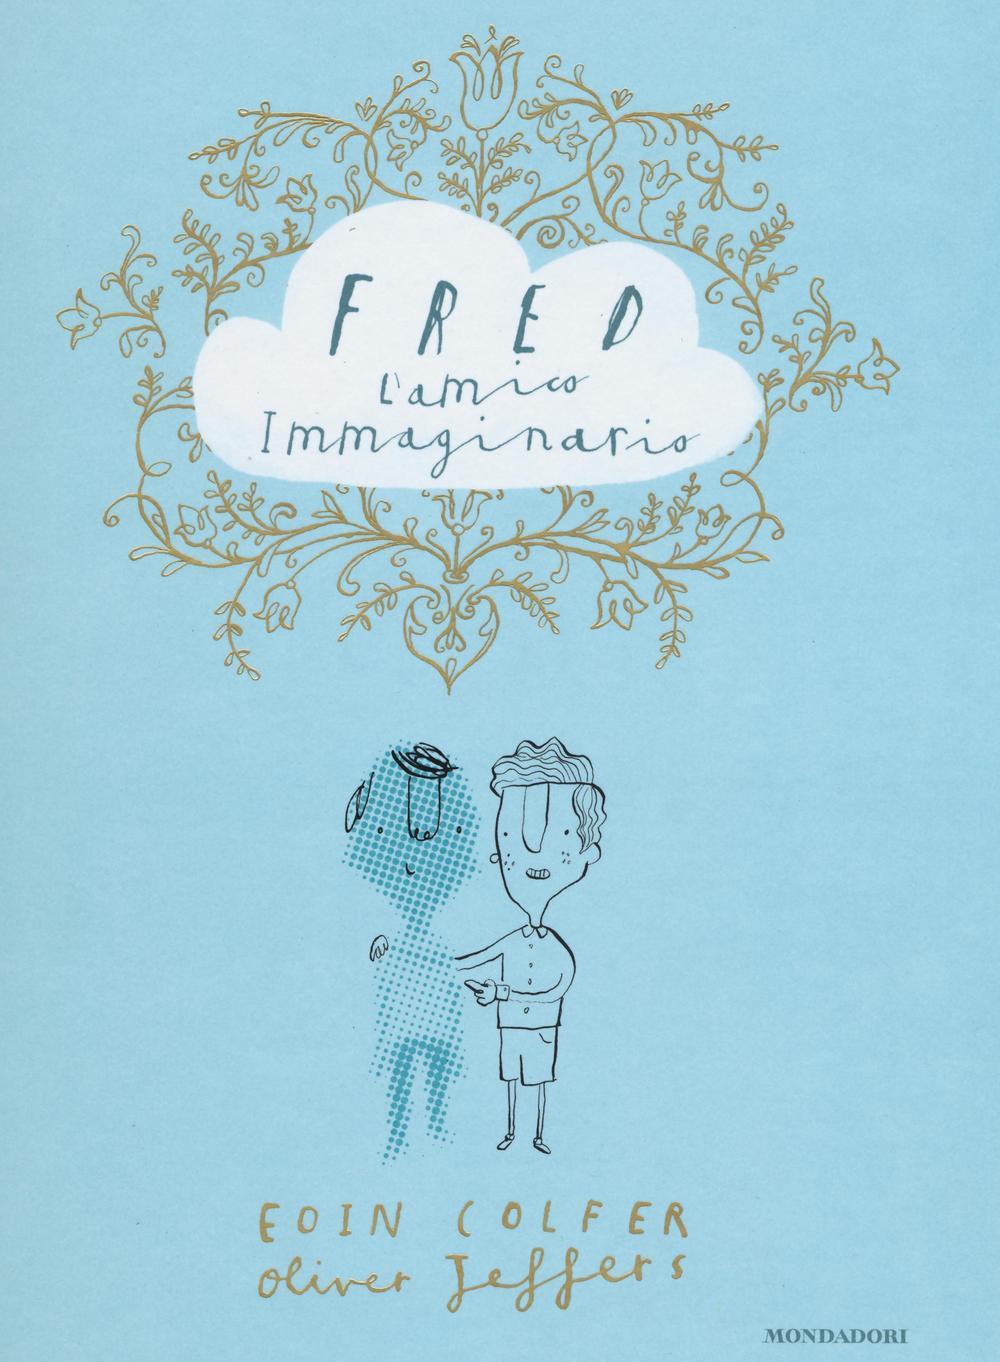 Image of Fred l'amico immaginario